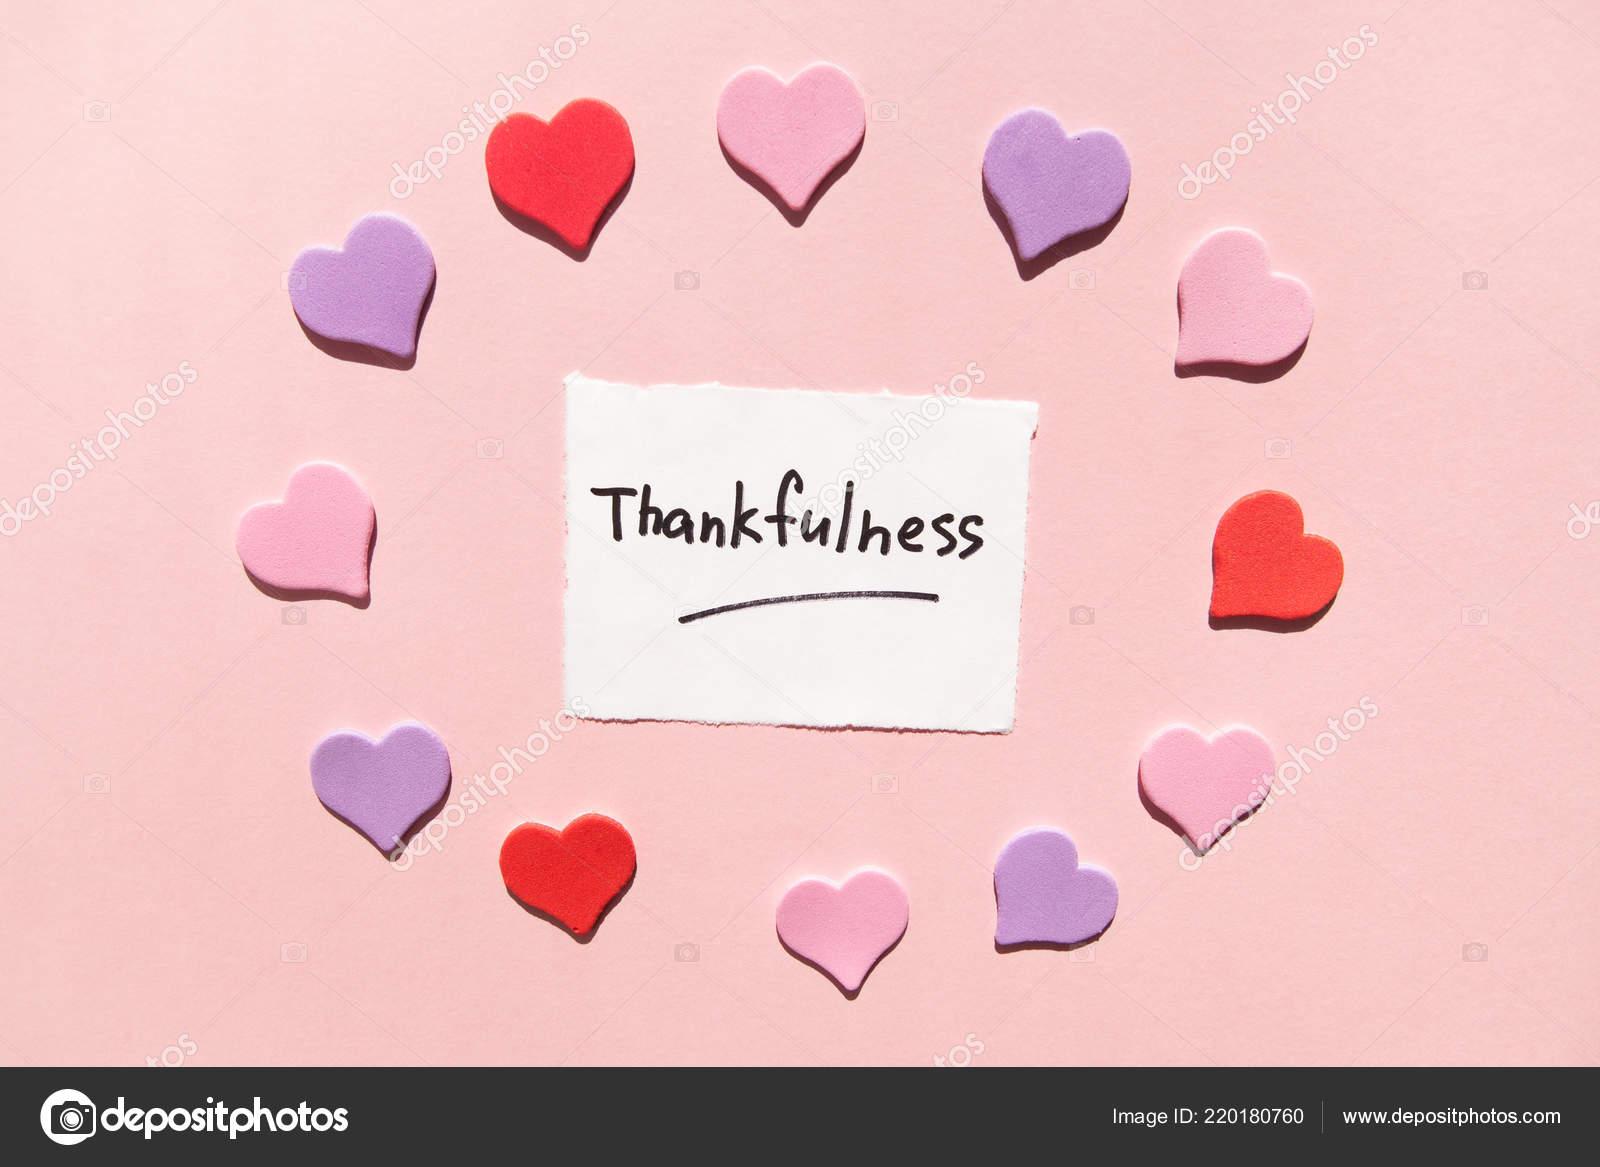 38d5edf69b10 Vděčnost Slova Papíře Růžové Pozadí Barevné Srdce Okolí — Stock fotografie